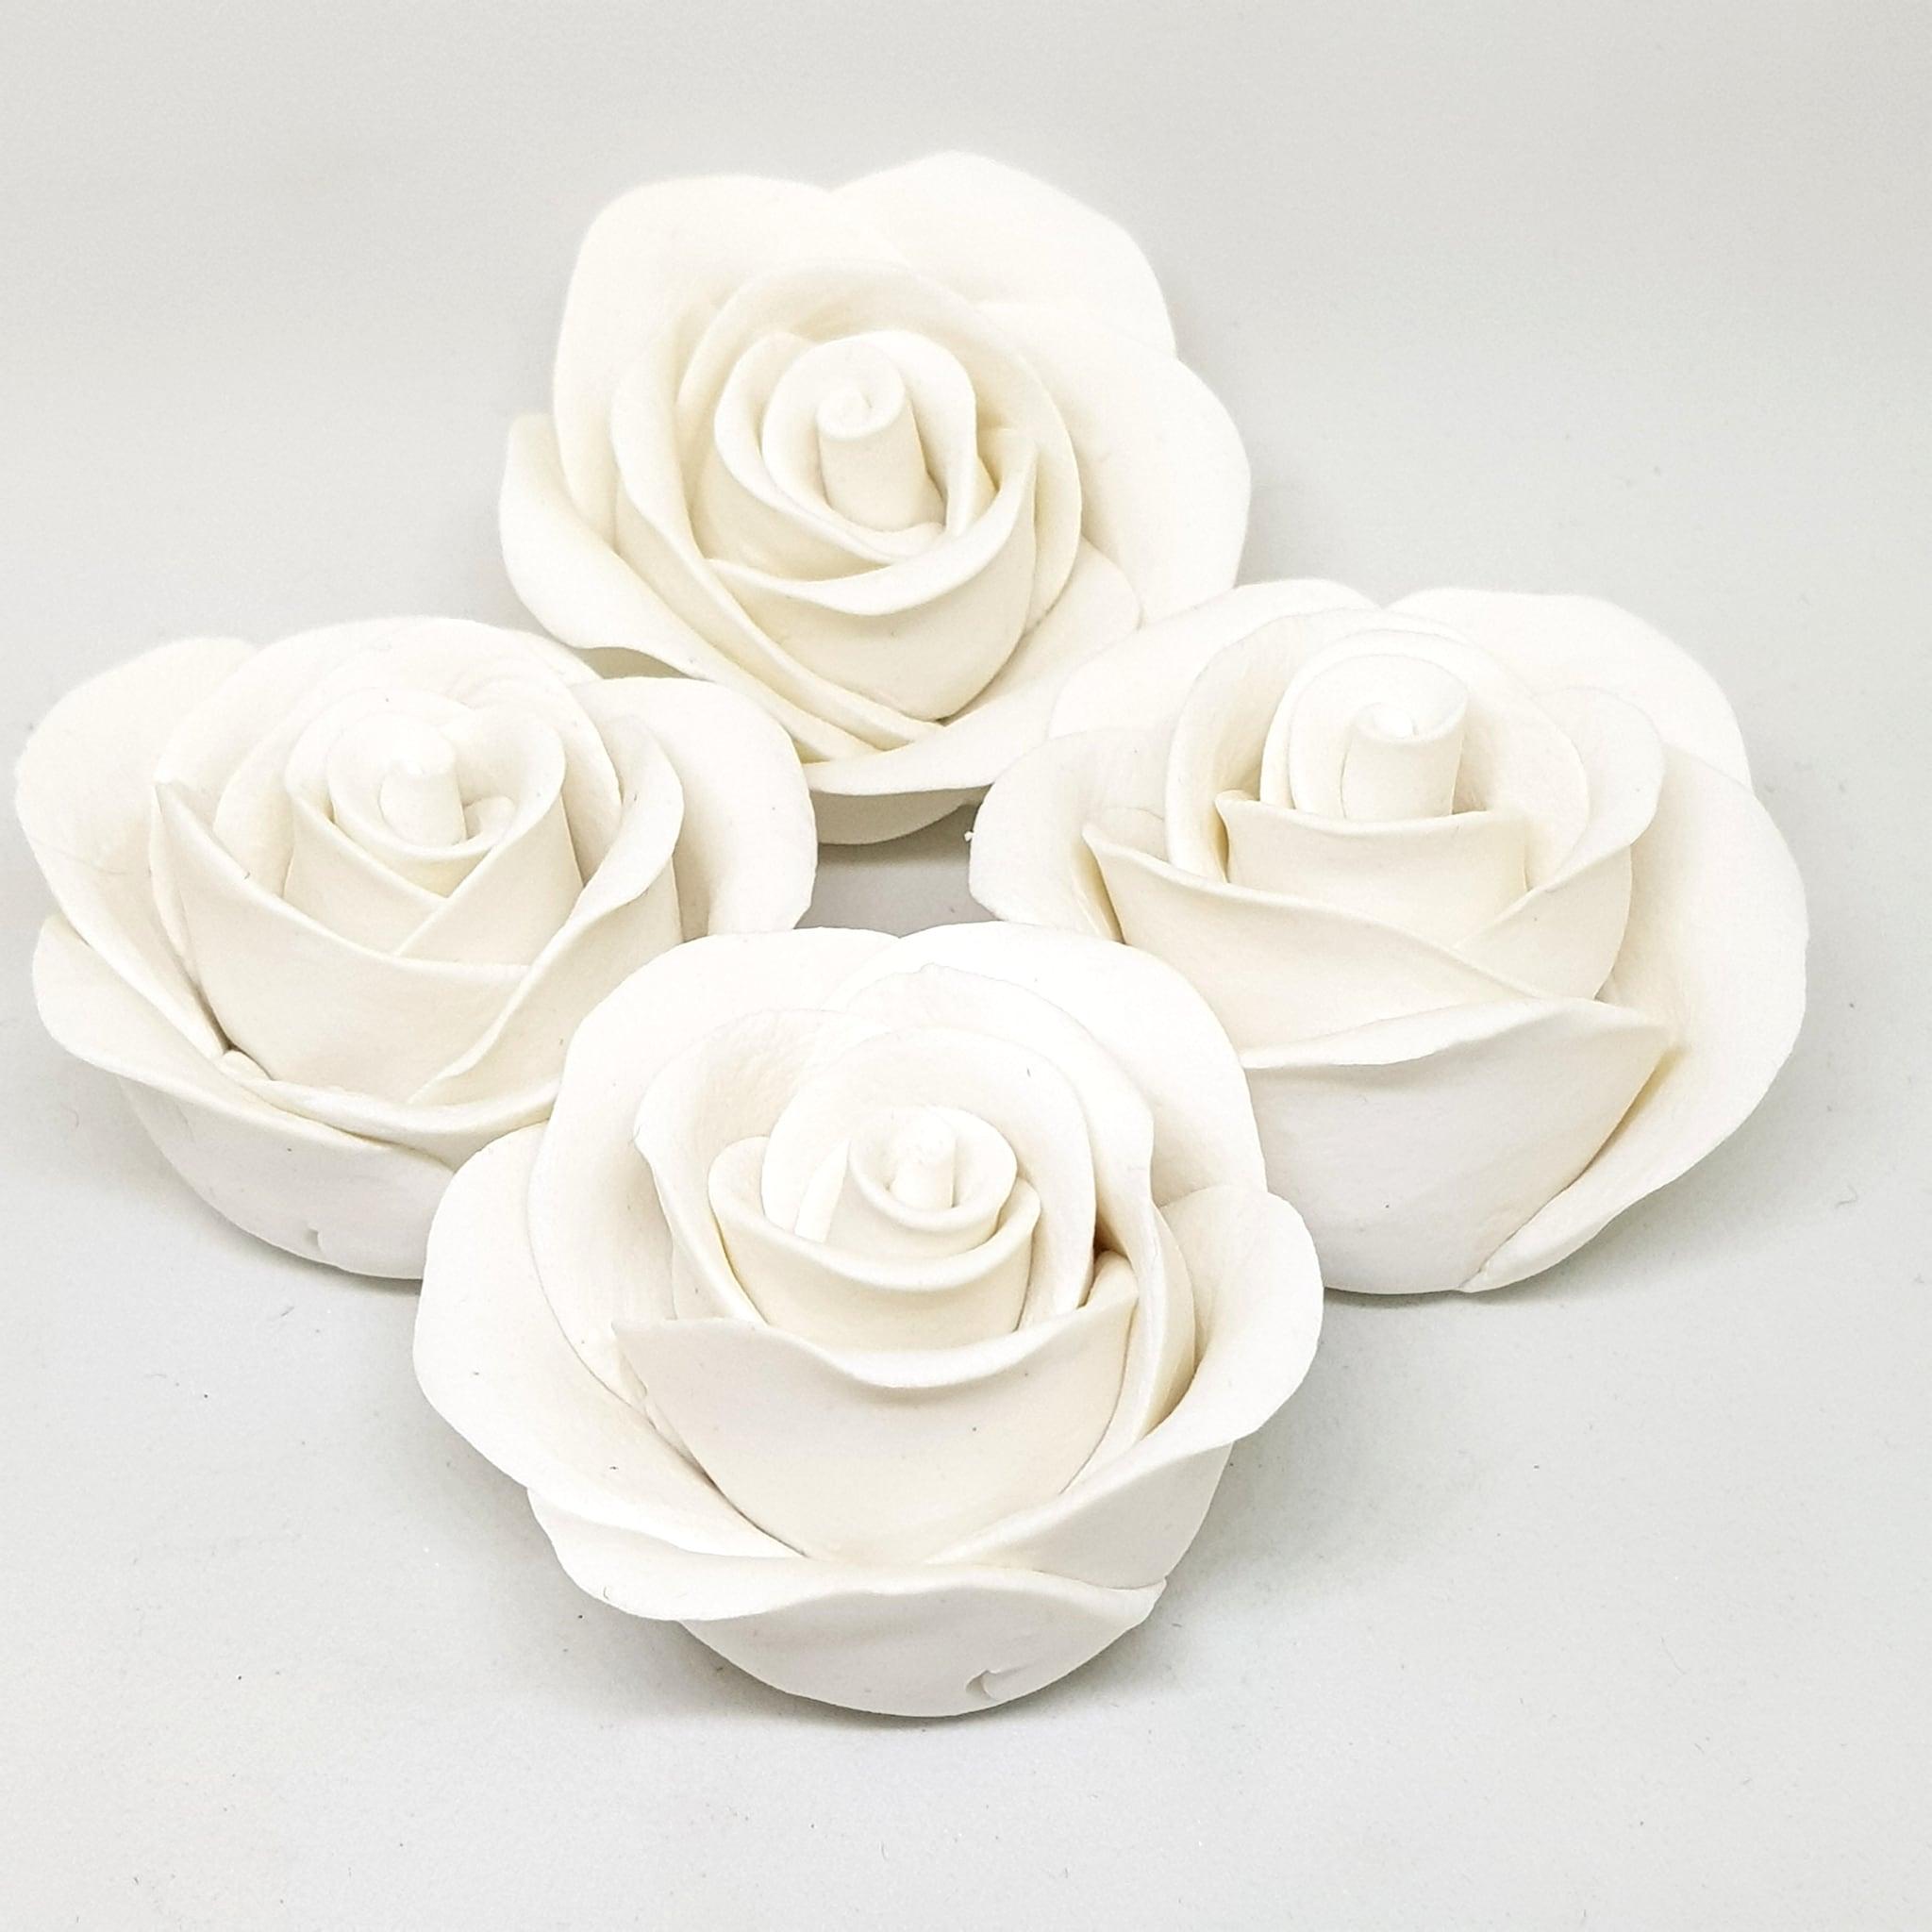 Handmade Rose Colour Sugarcraft (White)